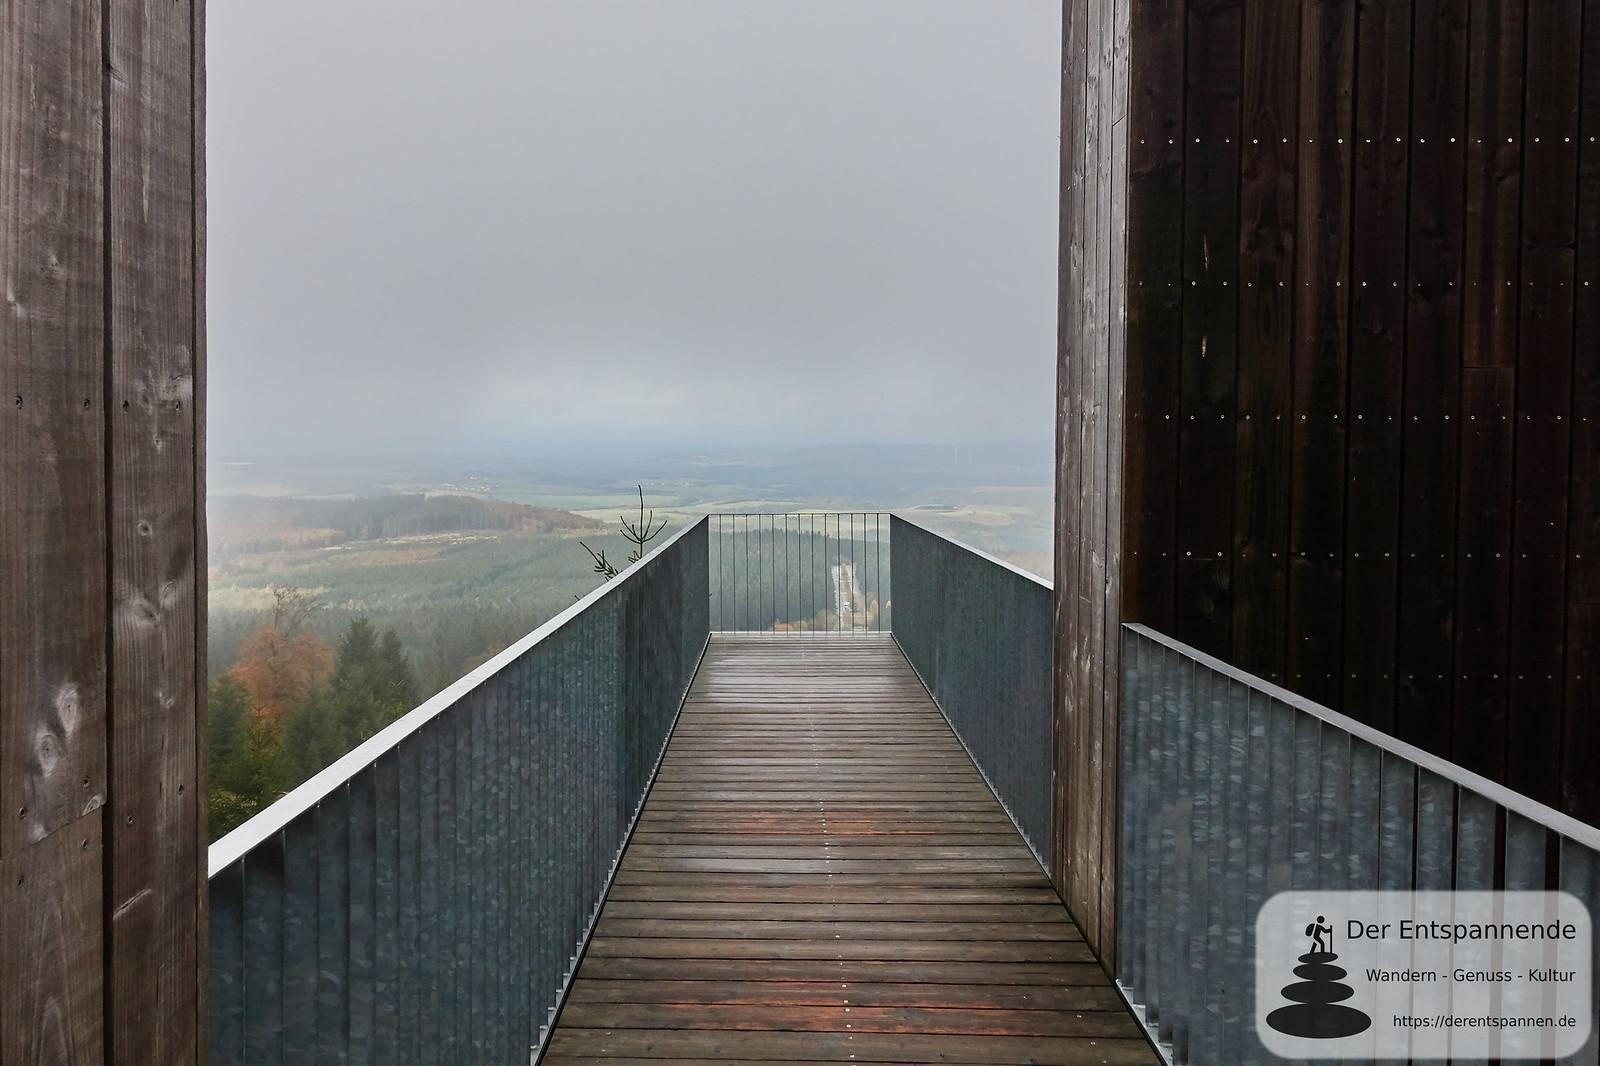 """Durchschreitbare Gipfelskulptur """"Windklang 816 M"""" auf dem Erbeskopf des Künstlers Christoph Mancke"""